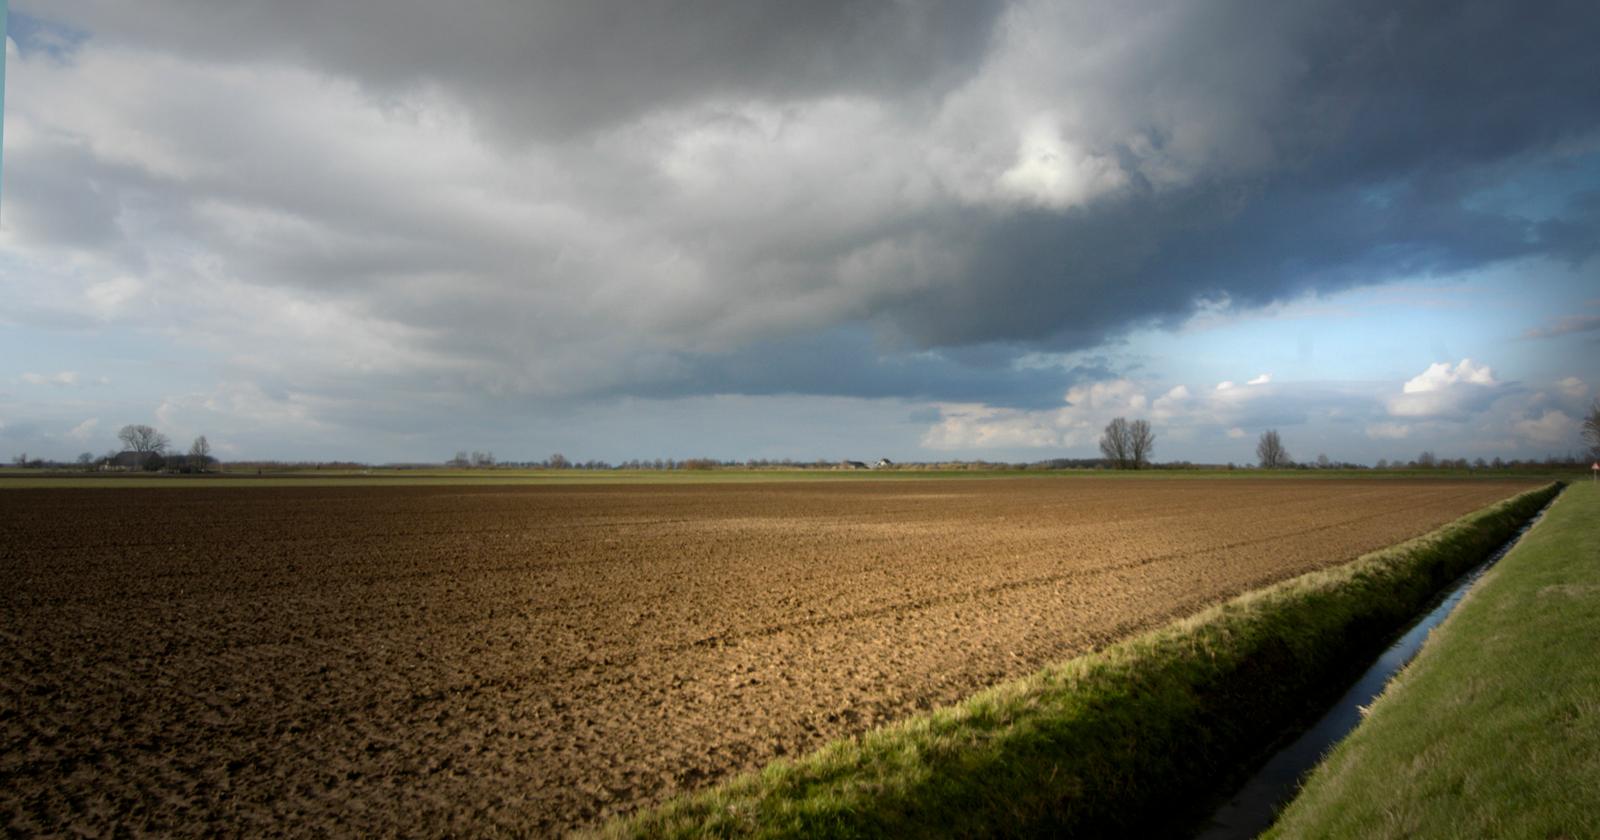 frissewind-foto-reportage21-Groenfonds